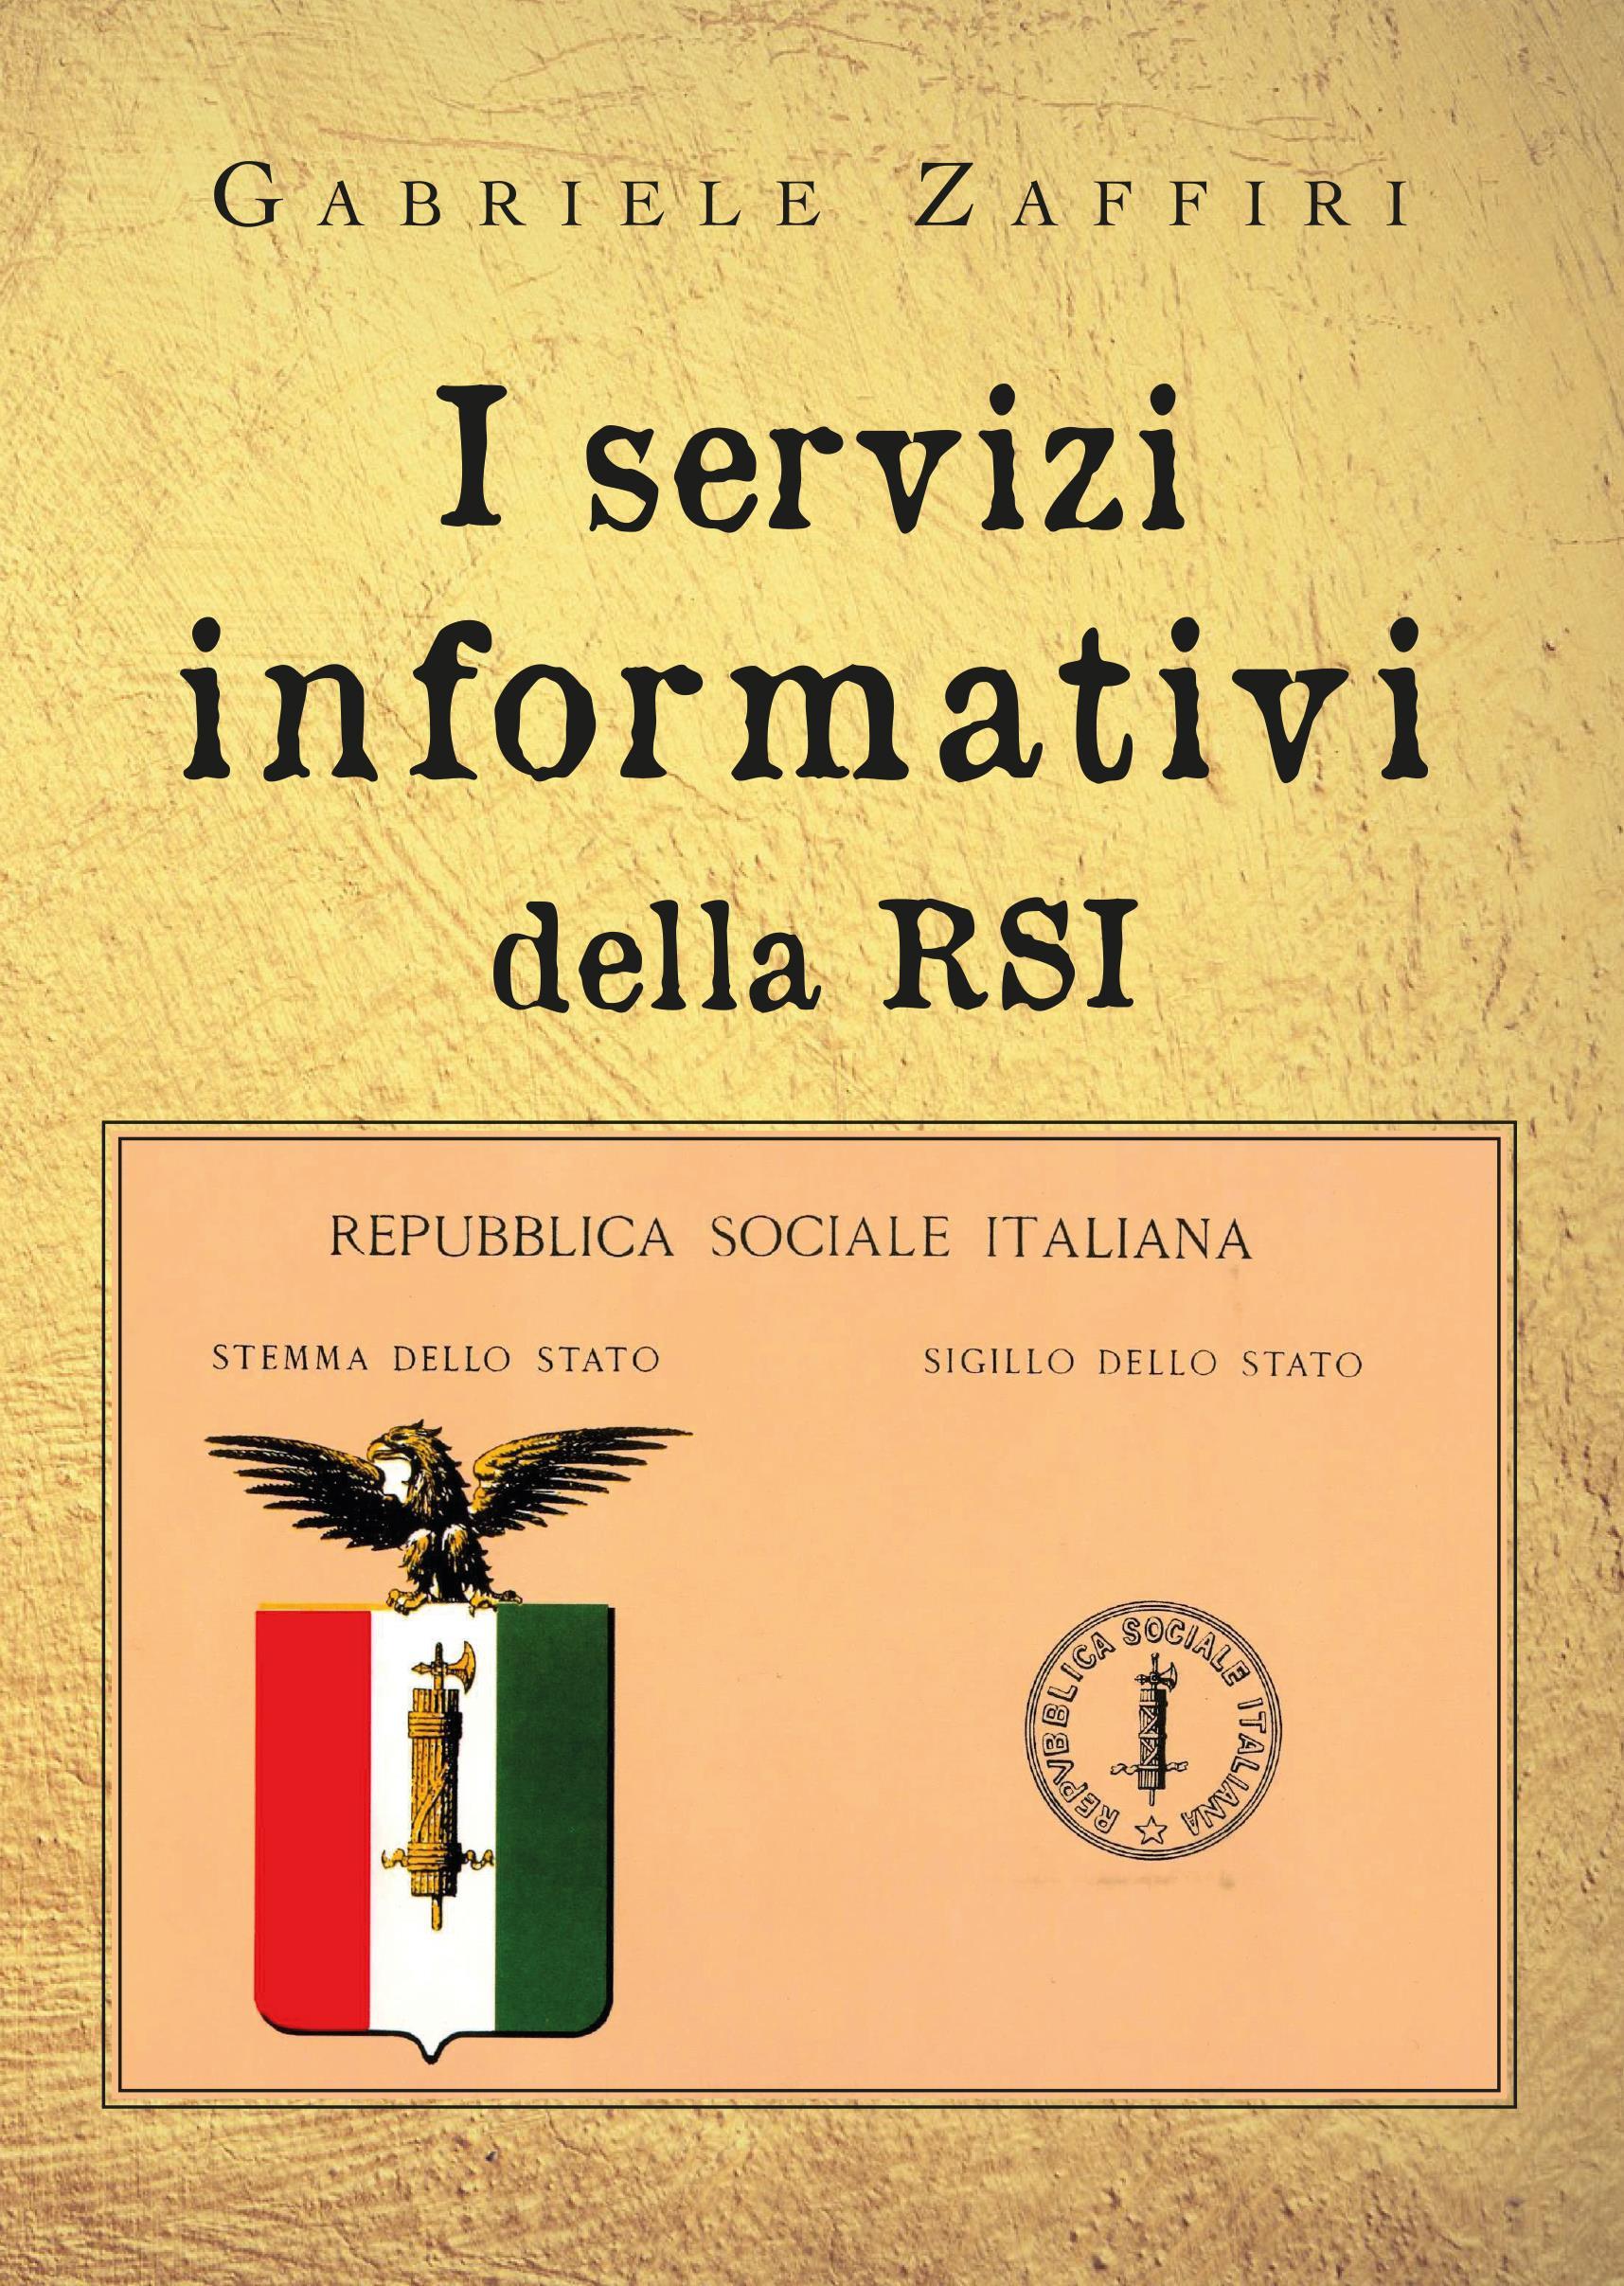 I servizi informativi della RSI